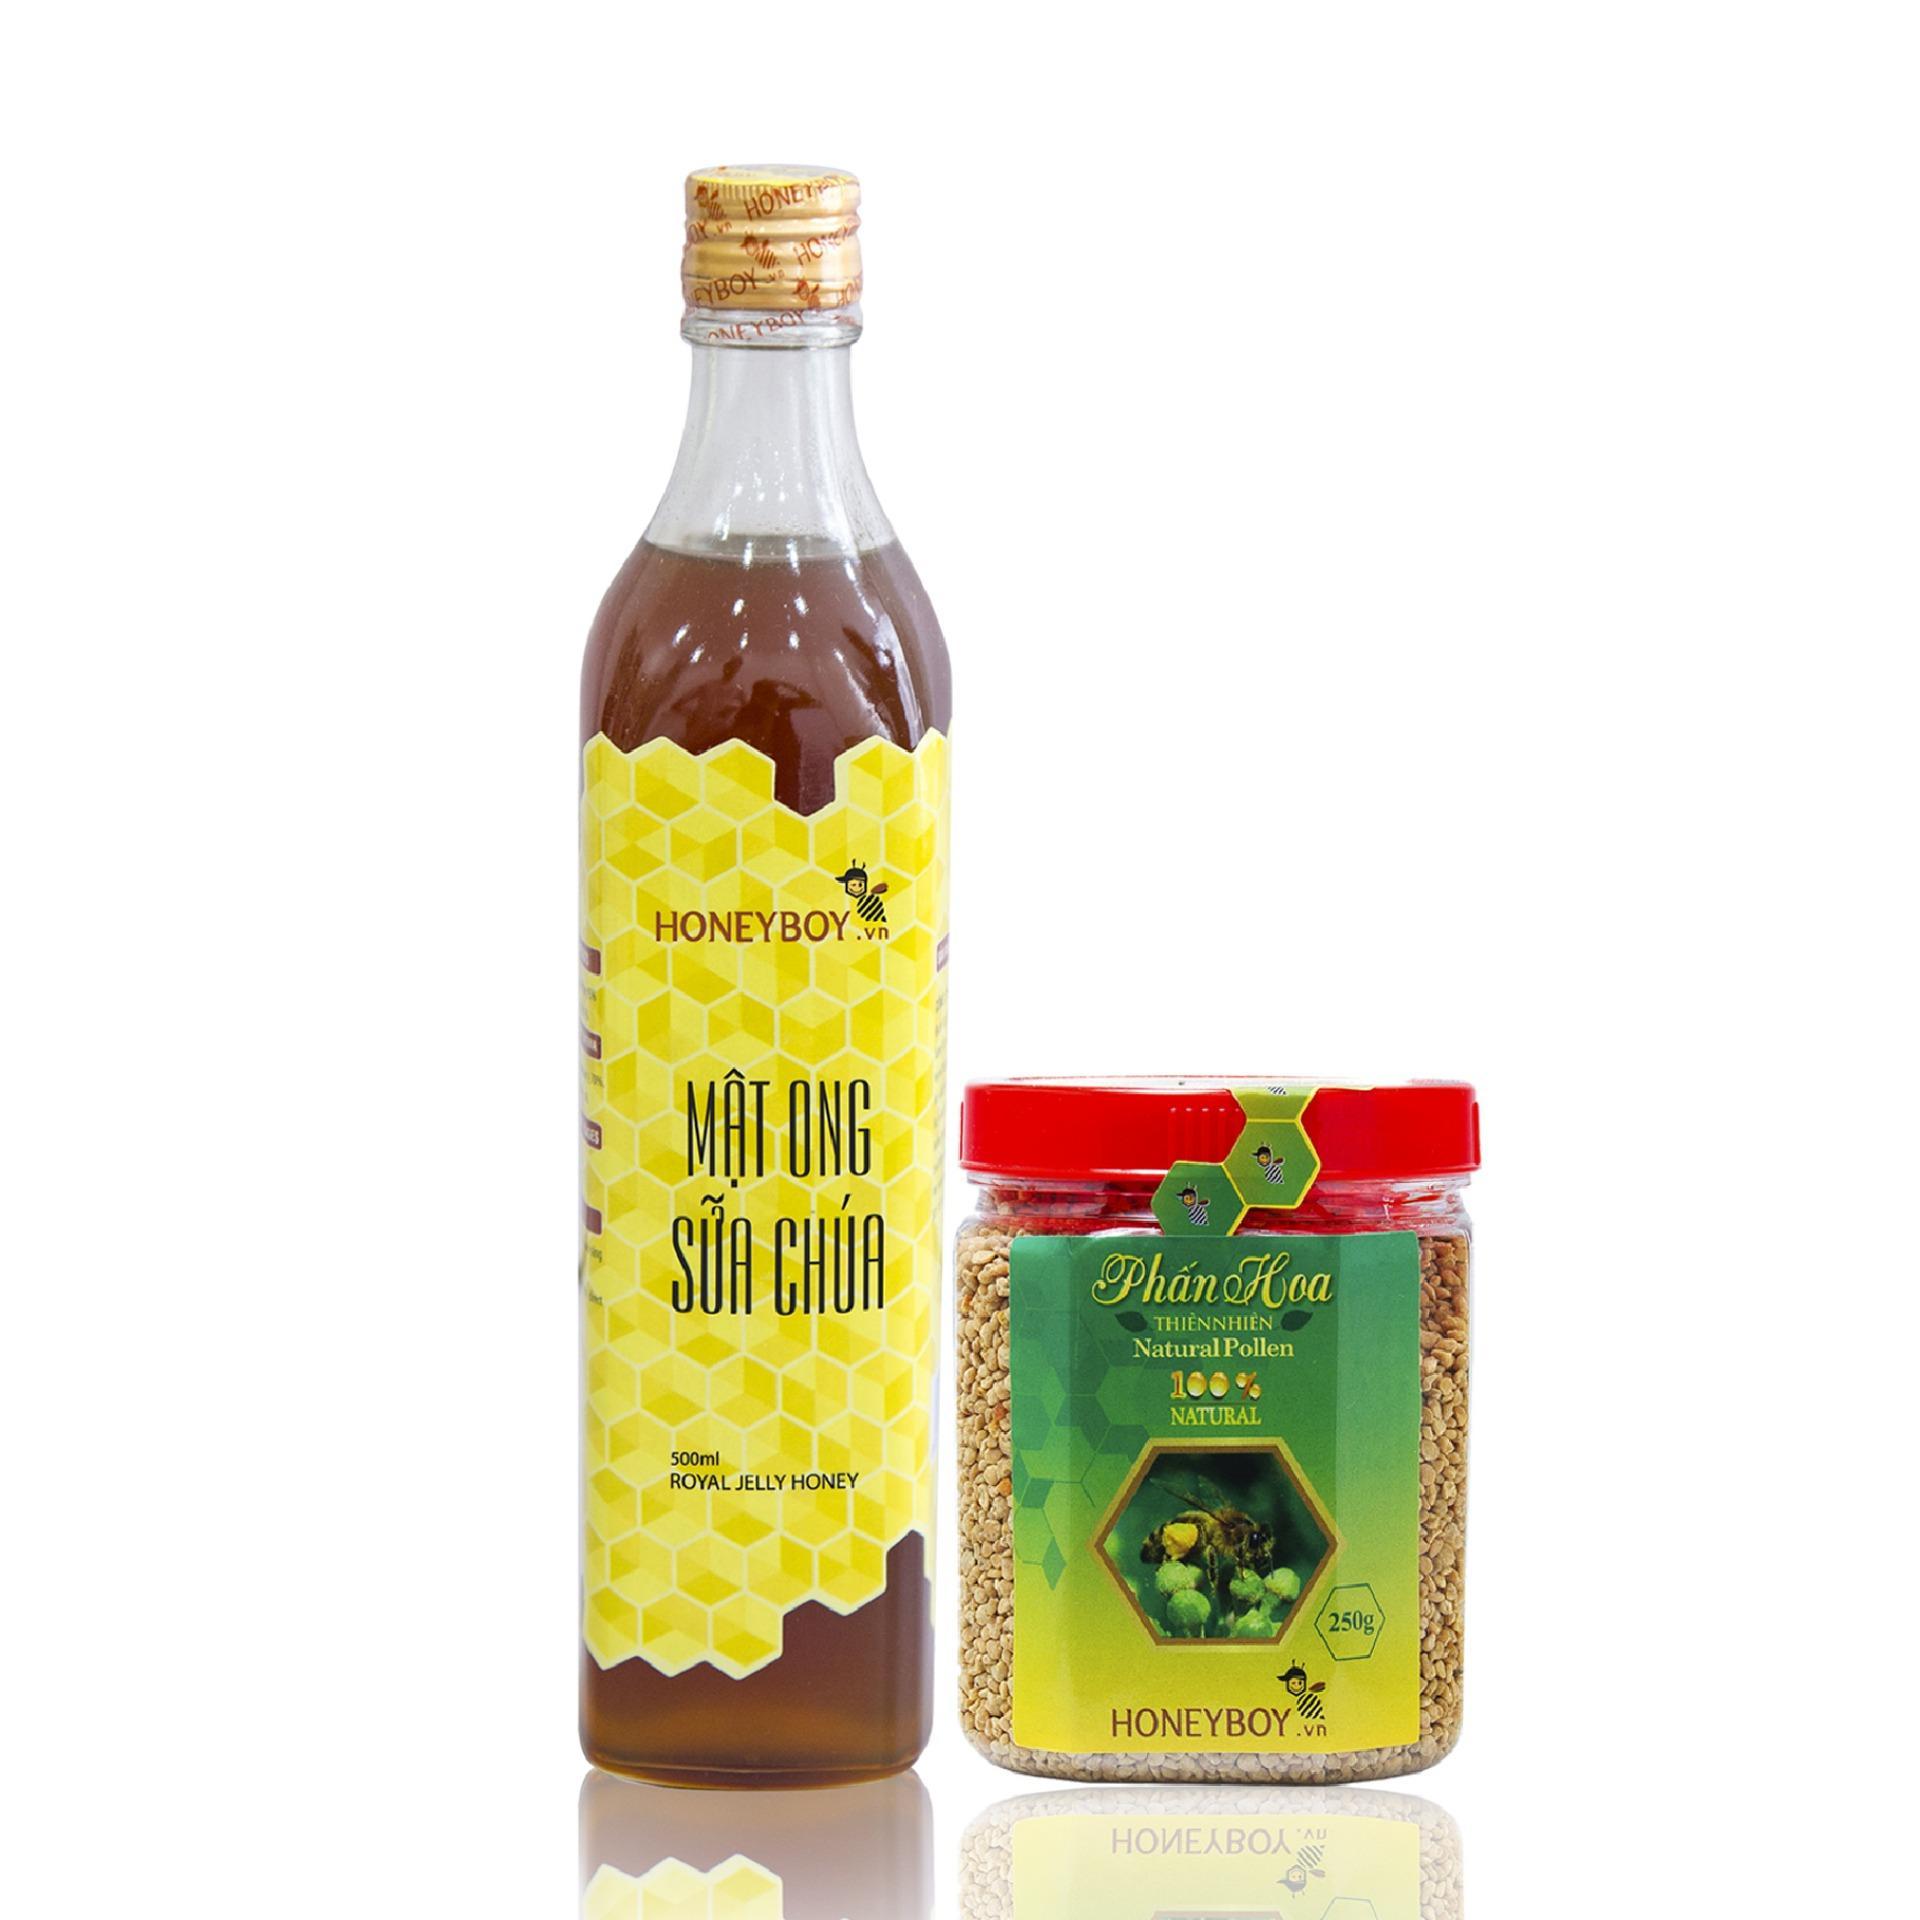 Bộ Mật ong sữa chúa Honeyboy 500ml và Phấn hoa thiên nhiên 250g nhập khẩu